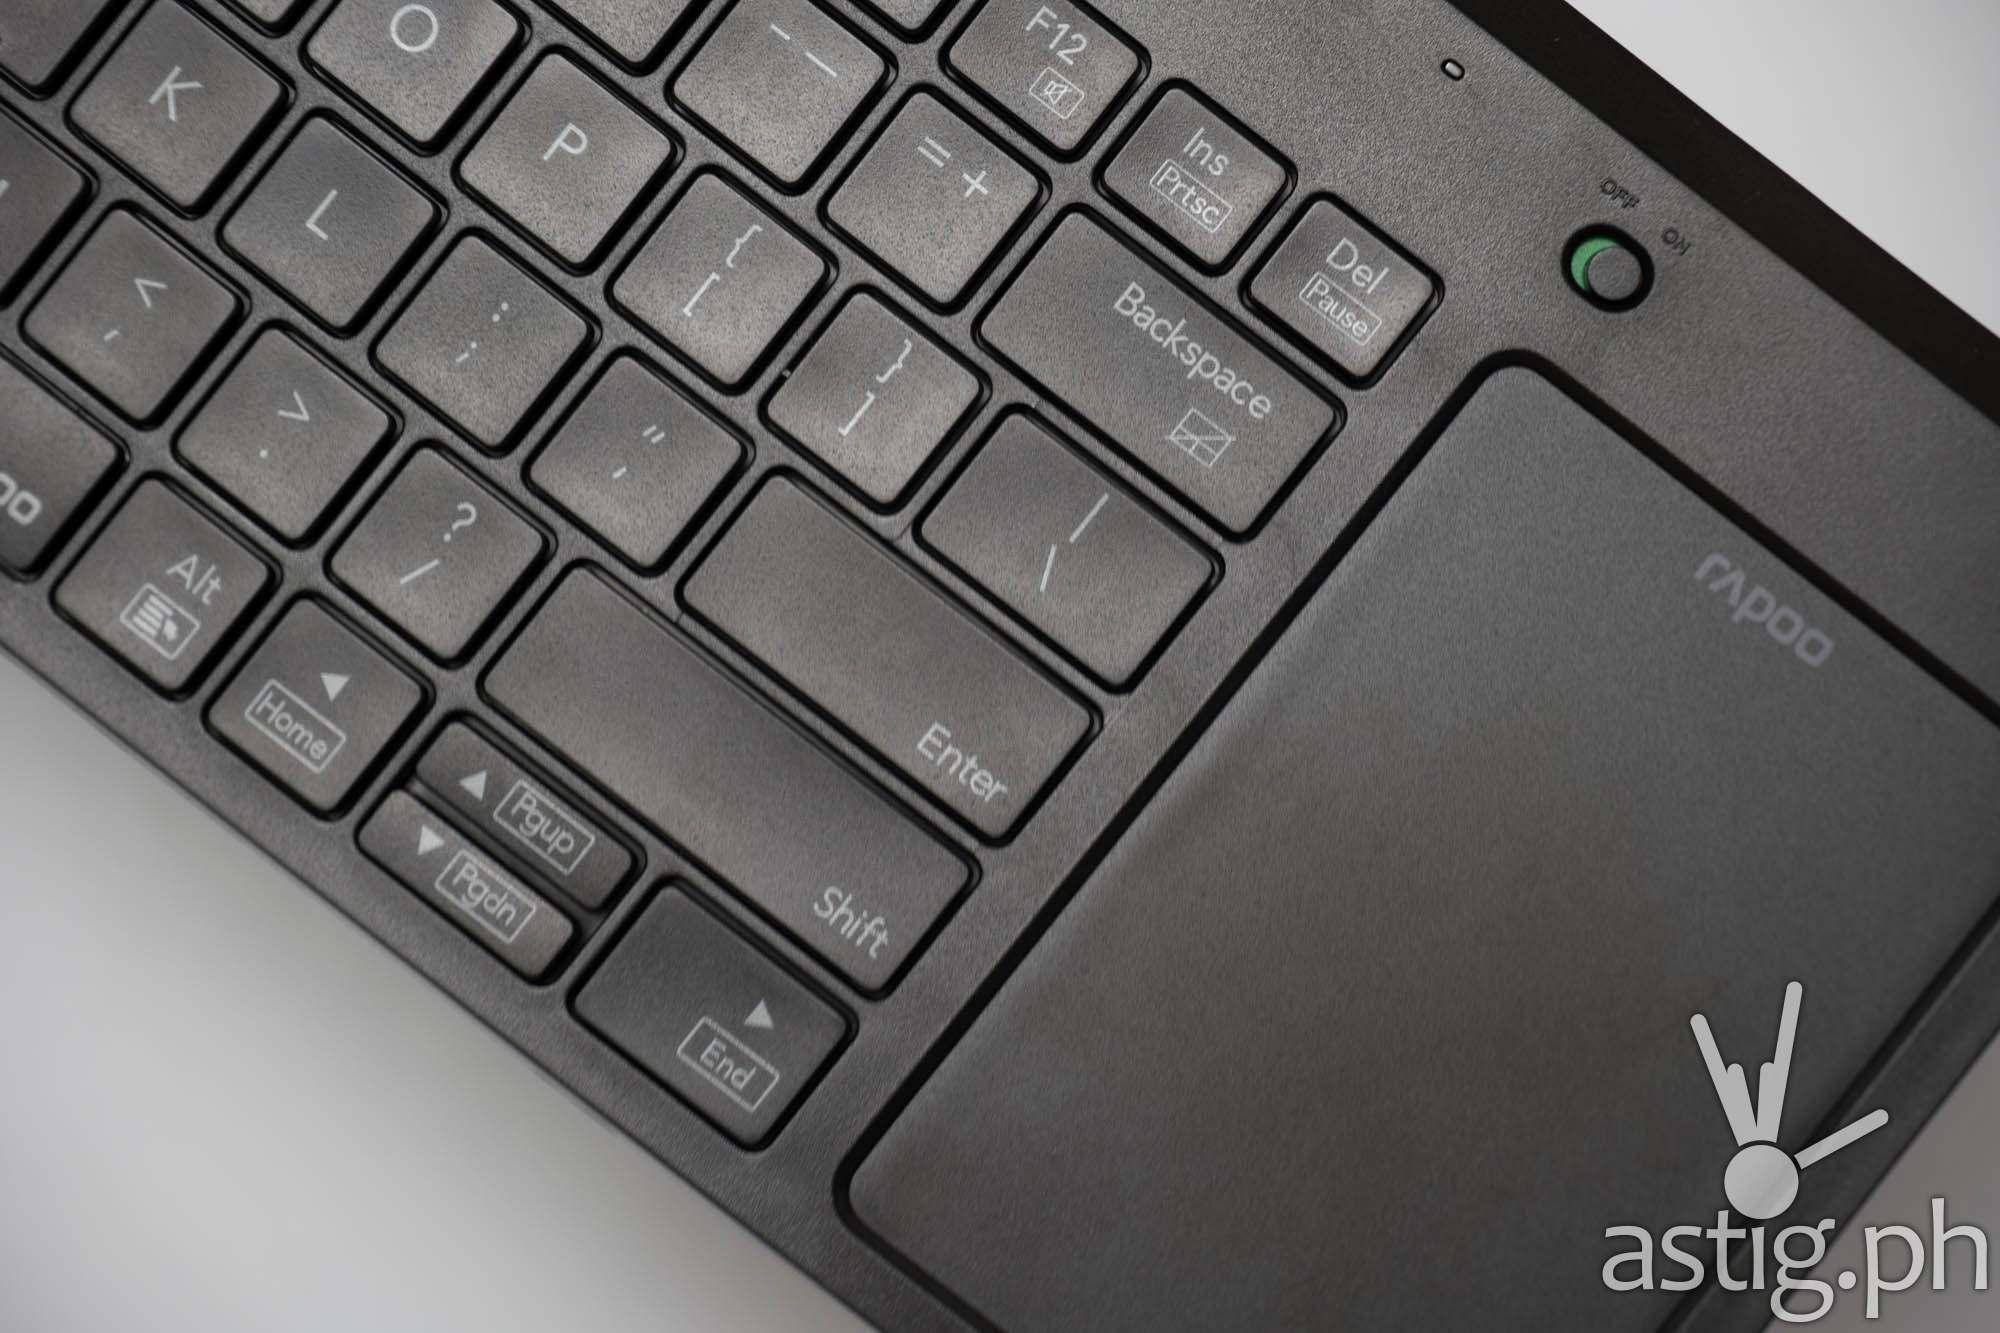 Rapoo K2800 wireless keyboard mouse